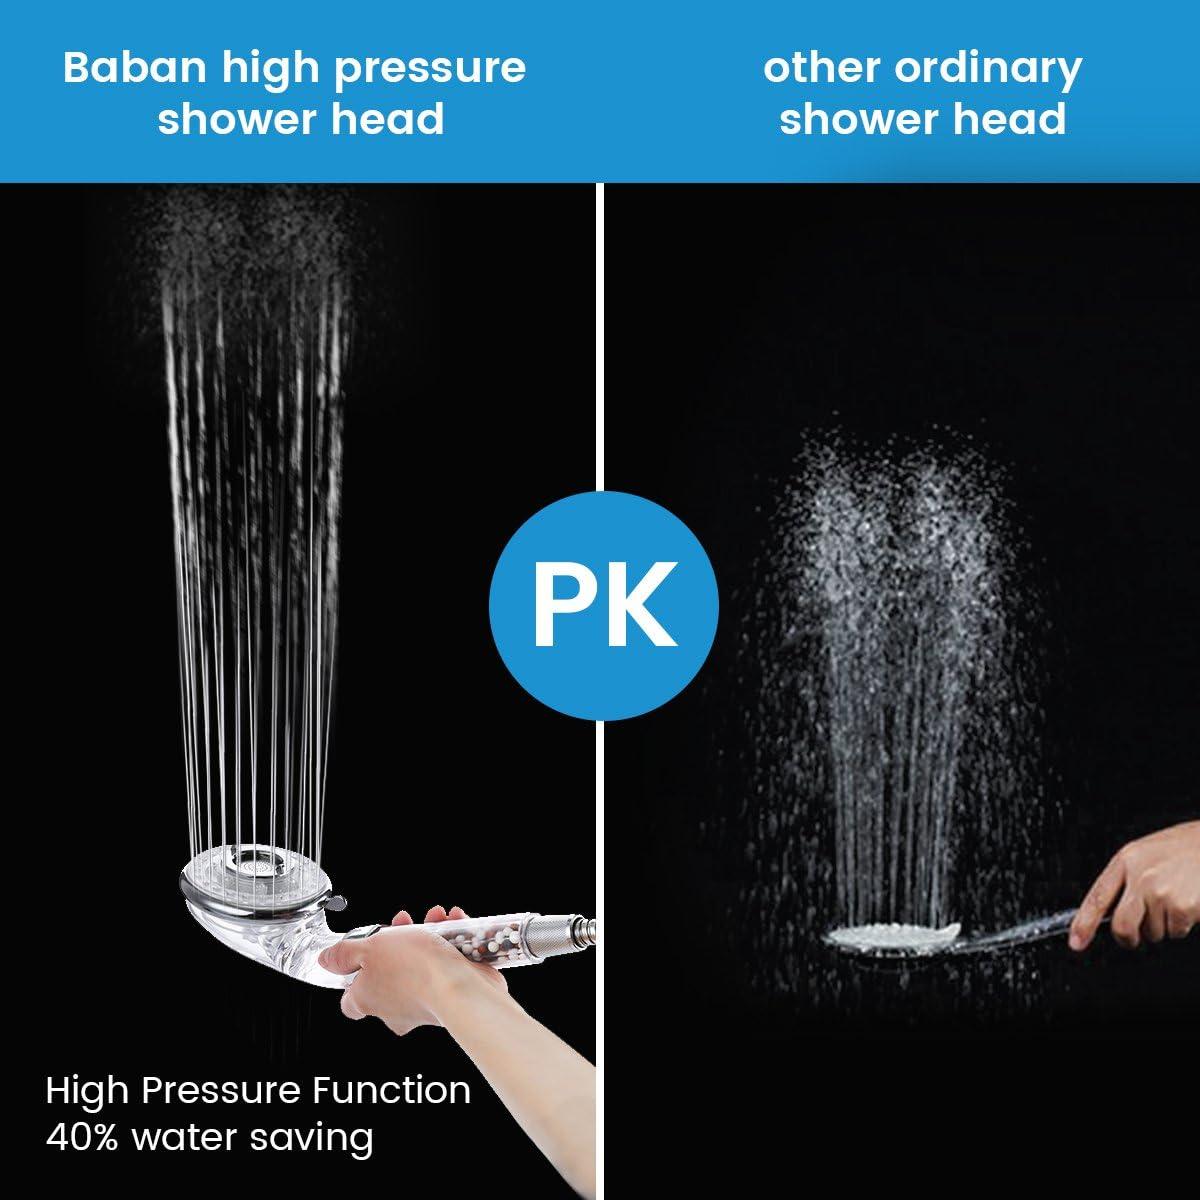 ducha de 3 v/ías ablanda el agua dura modo de parada de agua 40/% de ahorro de agua Cabeza de ducha de alta presi/ón Baban /¡viene con un paquete de esferas minerales extra para reemplazarlo!